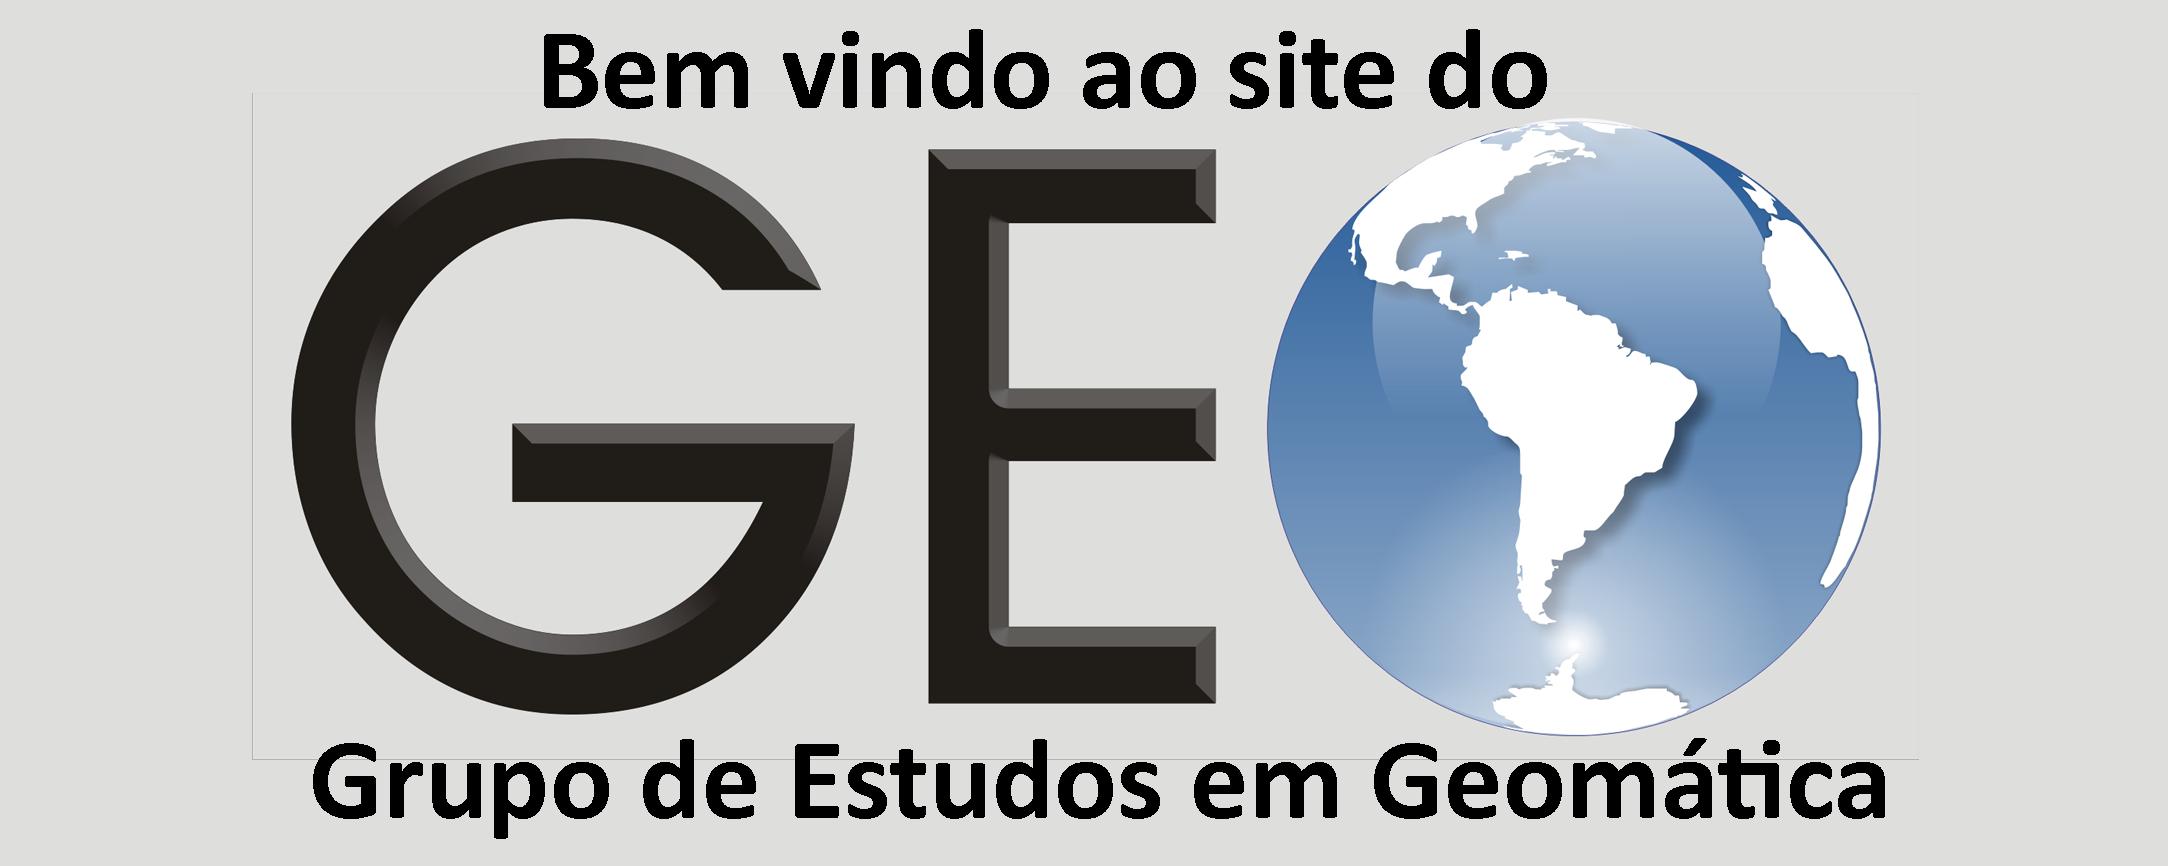 geo_bem_vindo